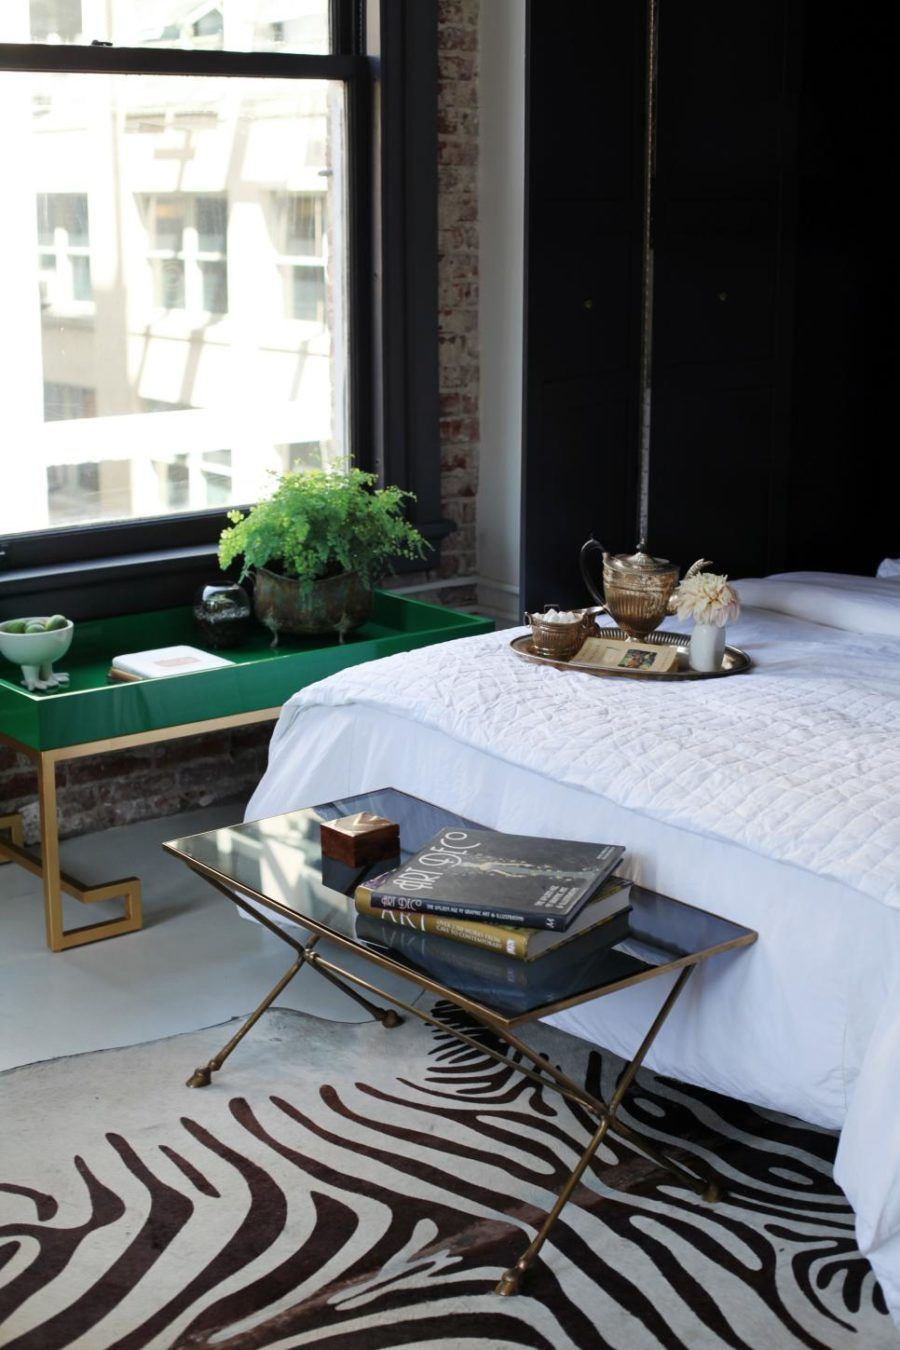 Home-office-schlafzimmer-design-ideen stilvolle schlafzimmerdesigns von denen sie nie geträumt haben